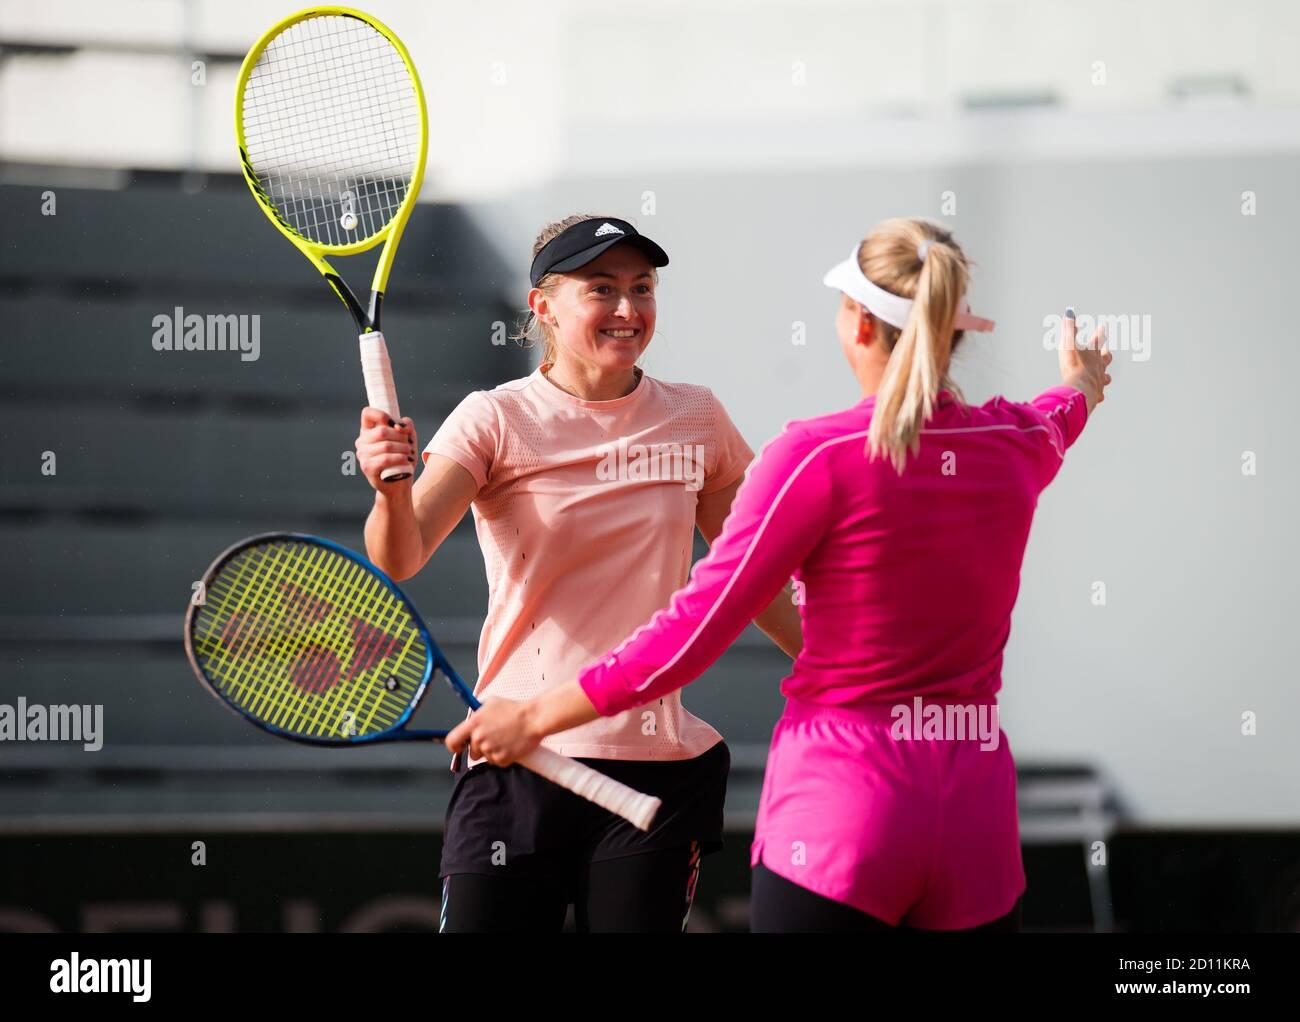 Marta Kostyuk de Ucrania y Aliaksandra Sasnovich de Bielorrusia jugando dobles en el Roland Garros 2020, Grand Slam torneo de tenis, el próximo mes de octubre Foto de stock